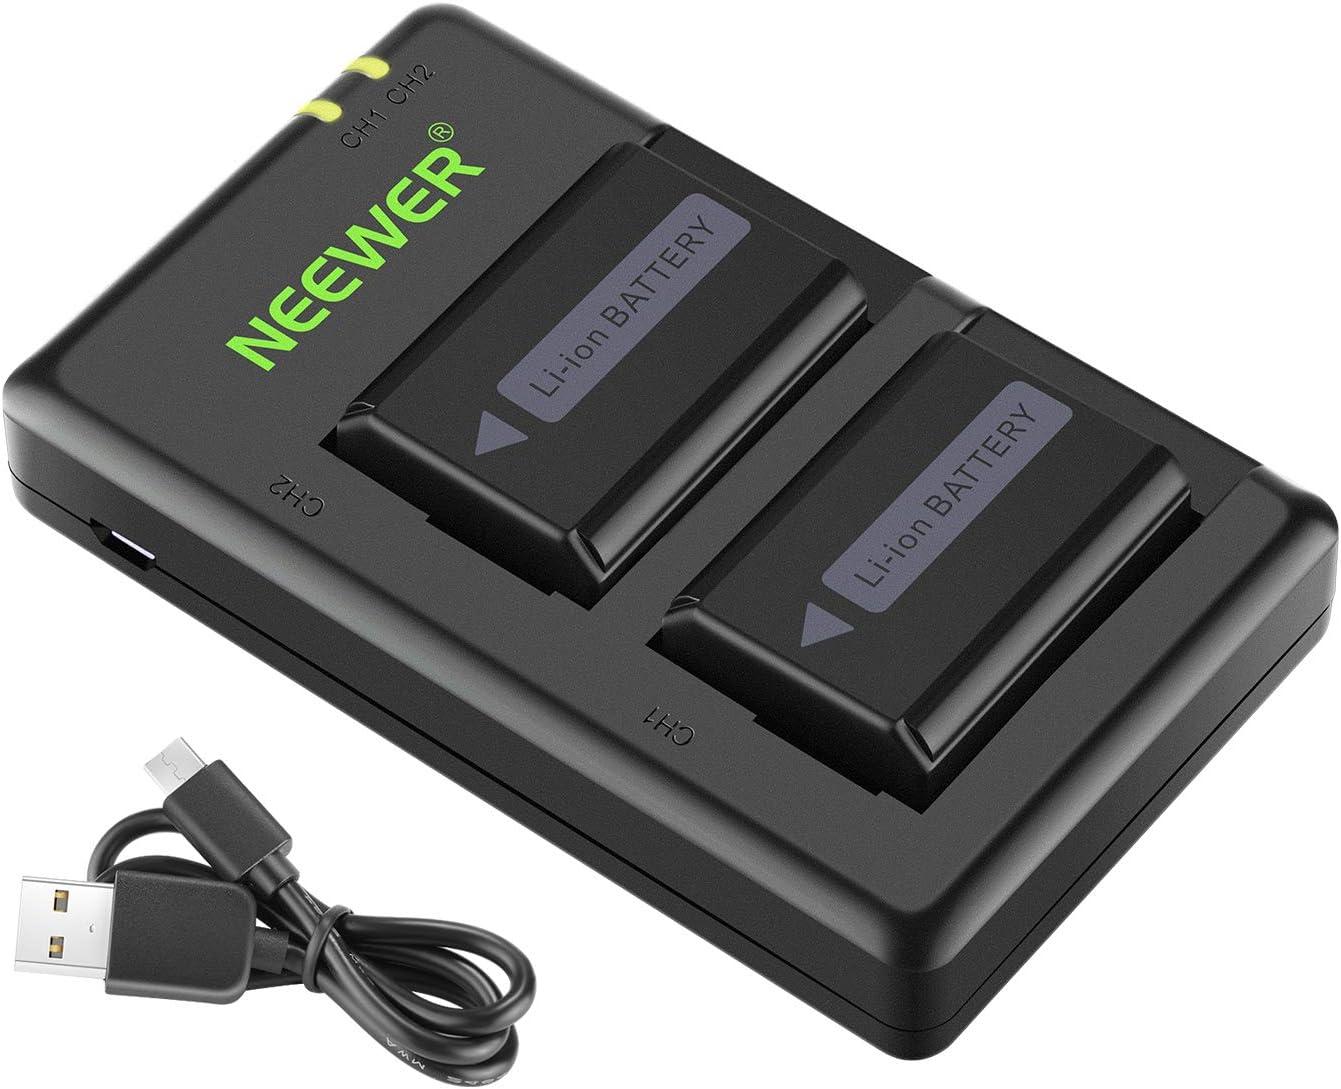 Neewer NP-FW50 - Juego de 2 Cargadores de batería, con Puerto USB, 1100 mA/h, para cámara Sony A6000, A6500, A6300, A6400, A7, A7II, A7RII, A7S, A7S2, A7R, A7R2, A55, A5100 y RX102